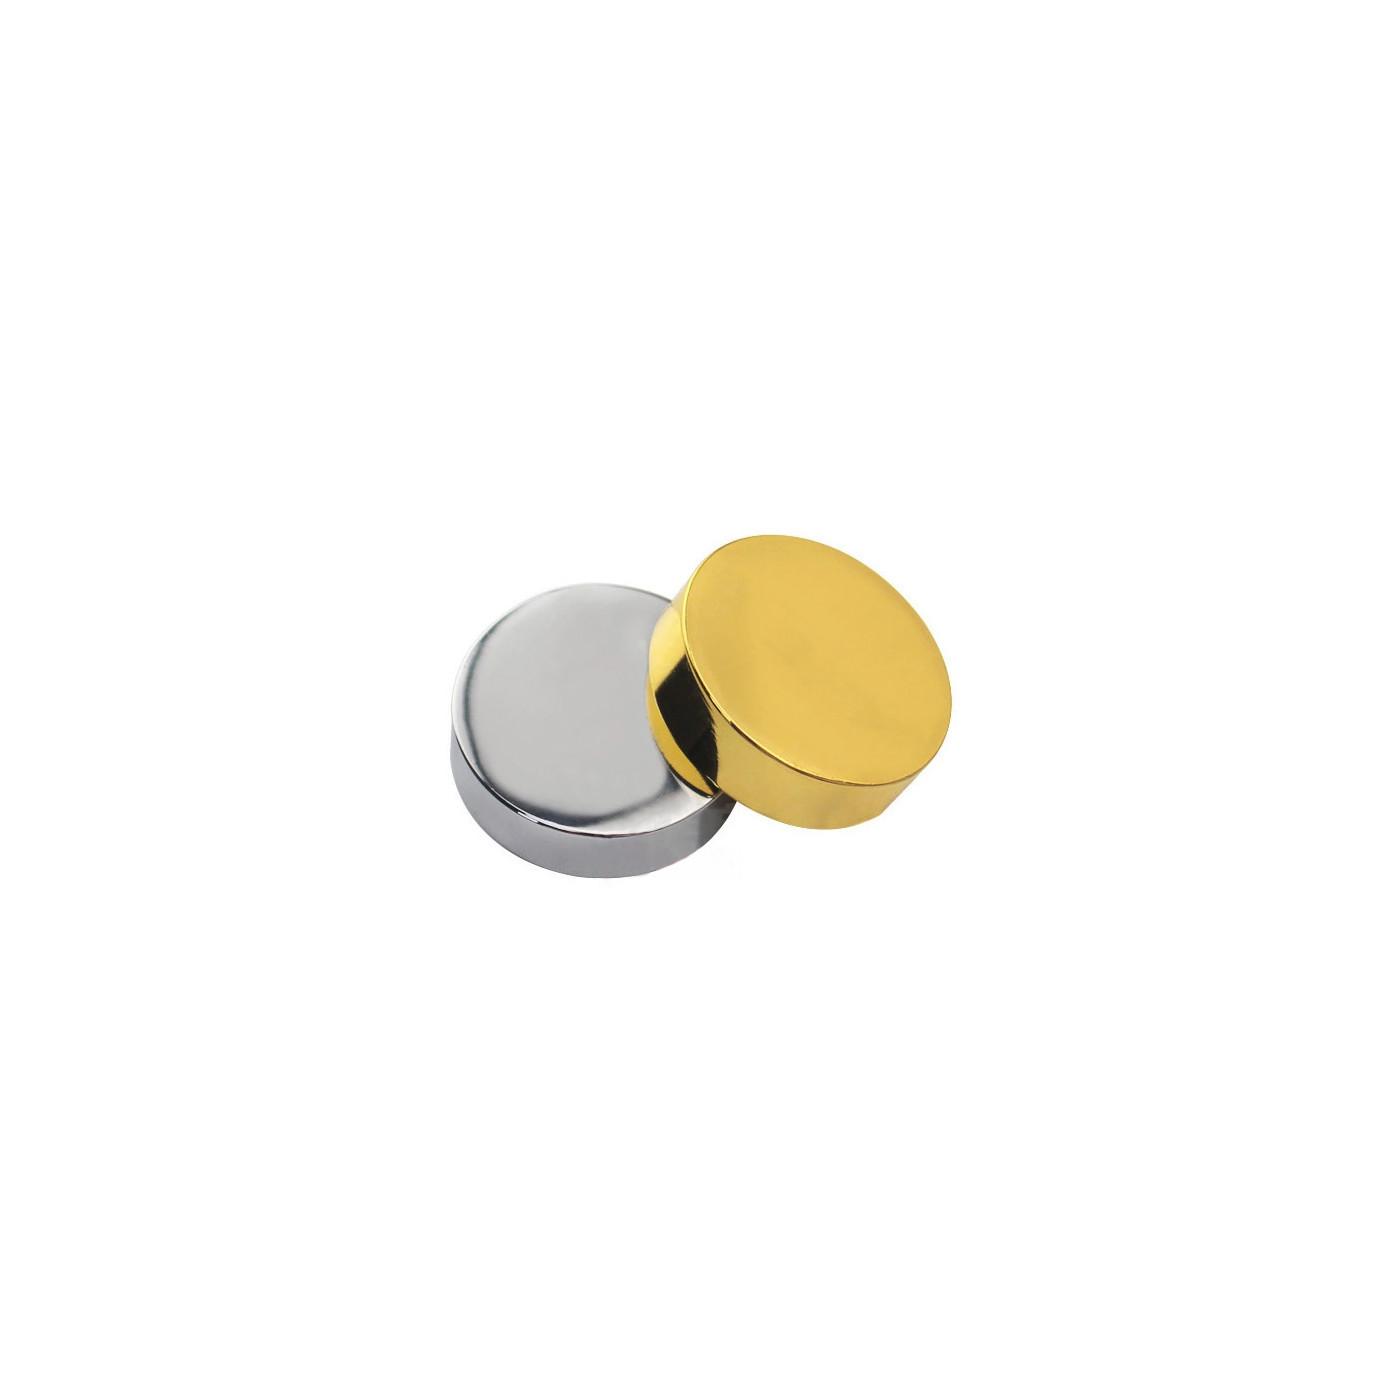 Set van 24 metalen afdekkapjes (afdekdopjes), goud  - 1